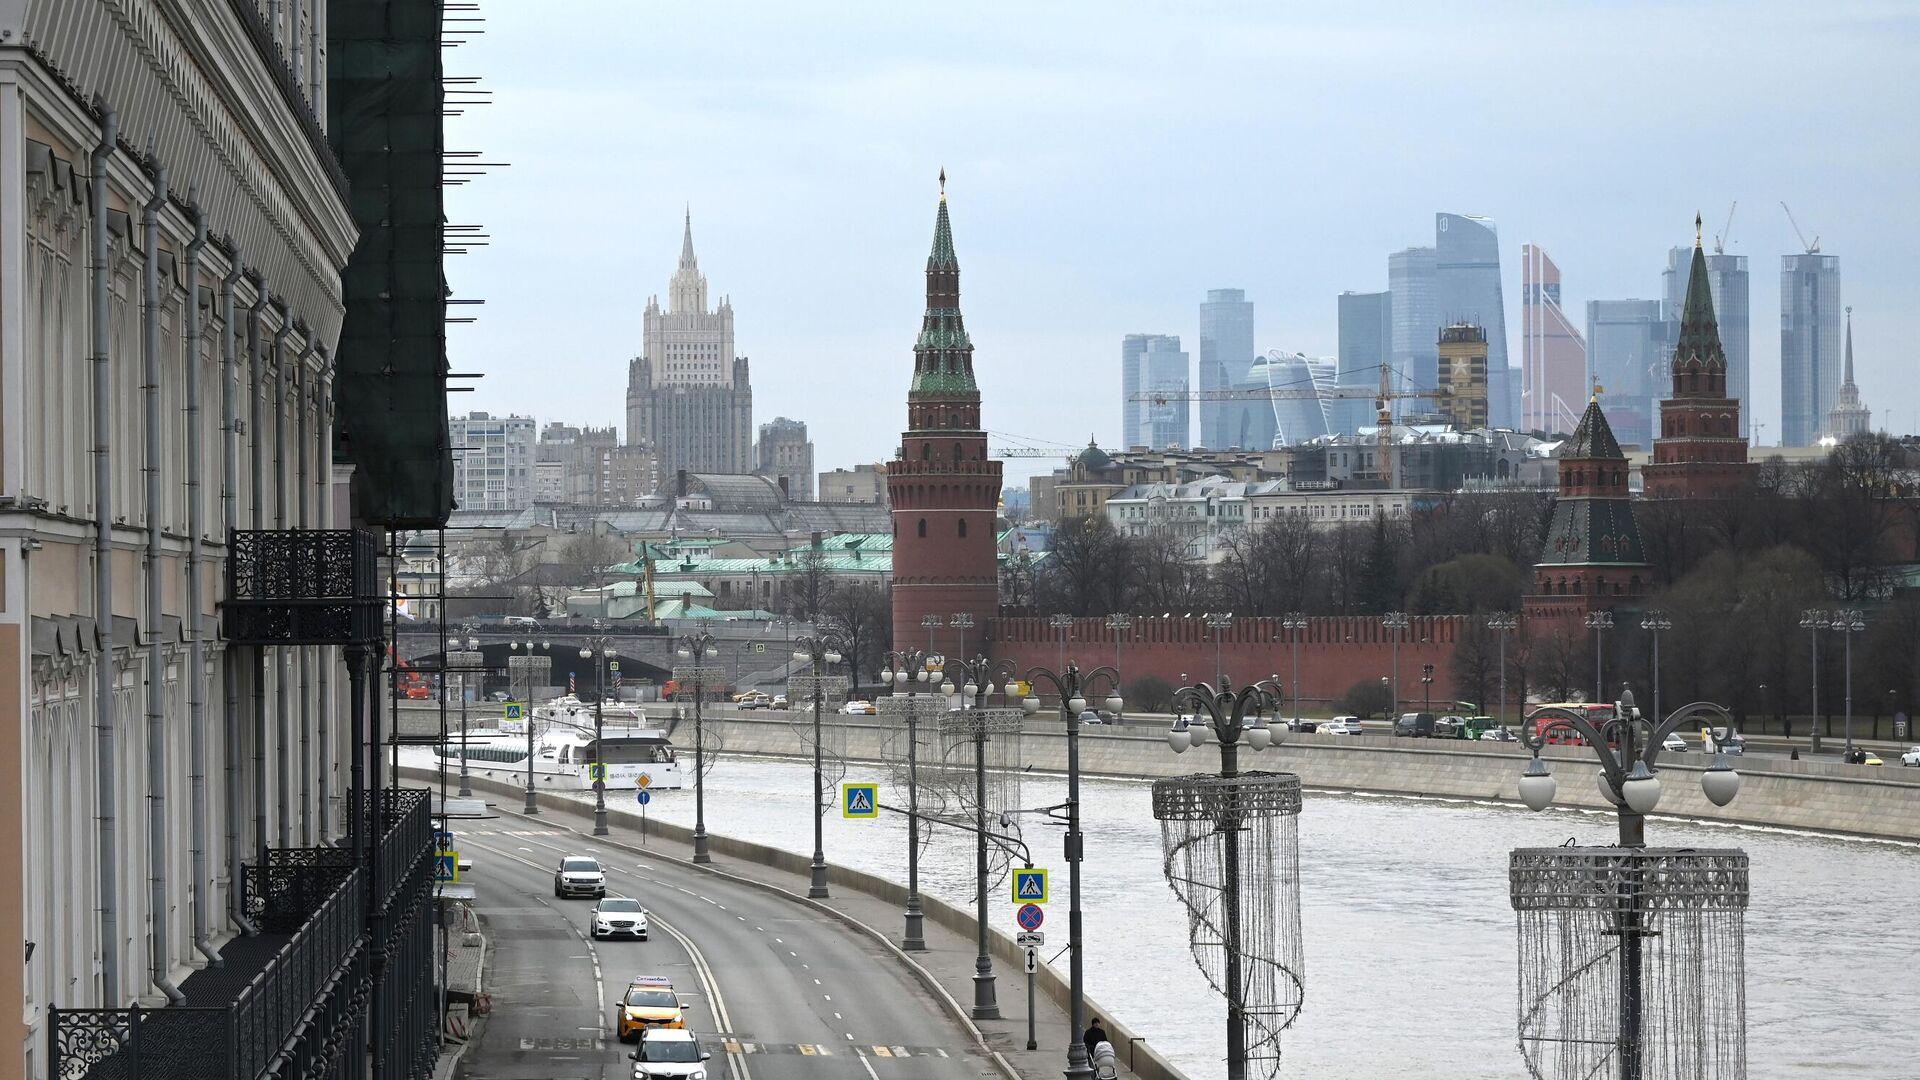 Софийская набережная в Москве - РИА Новости, 1920, 21.06.2021